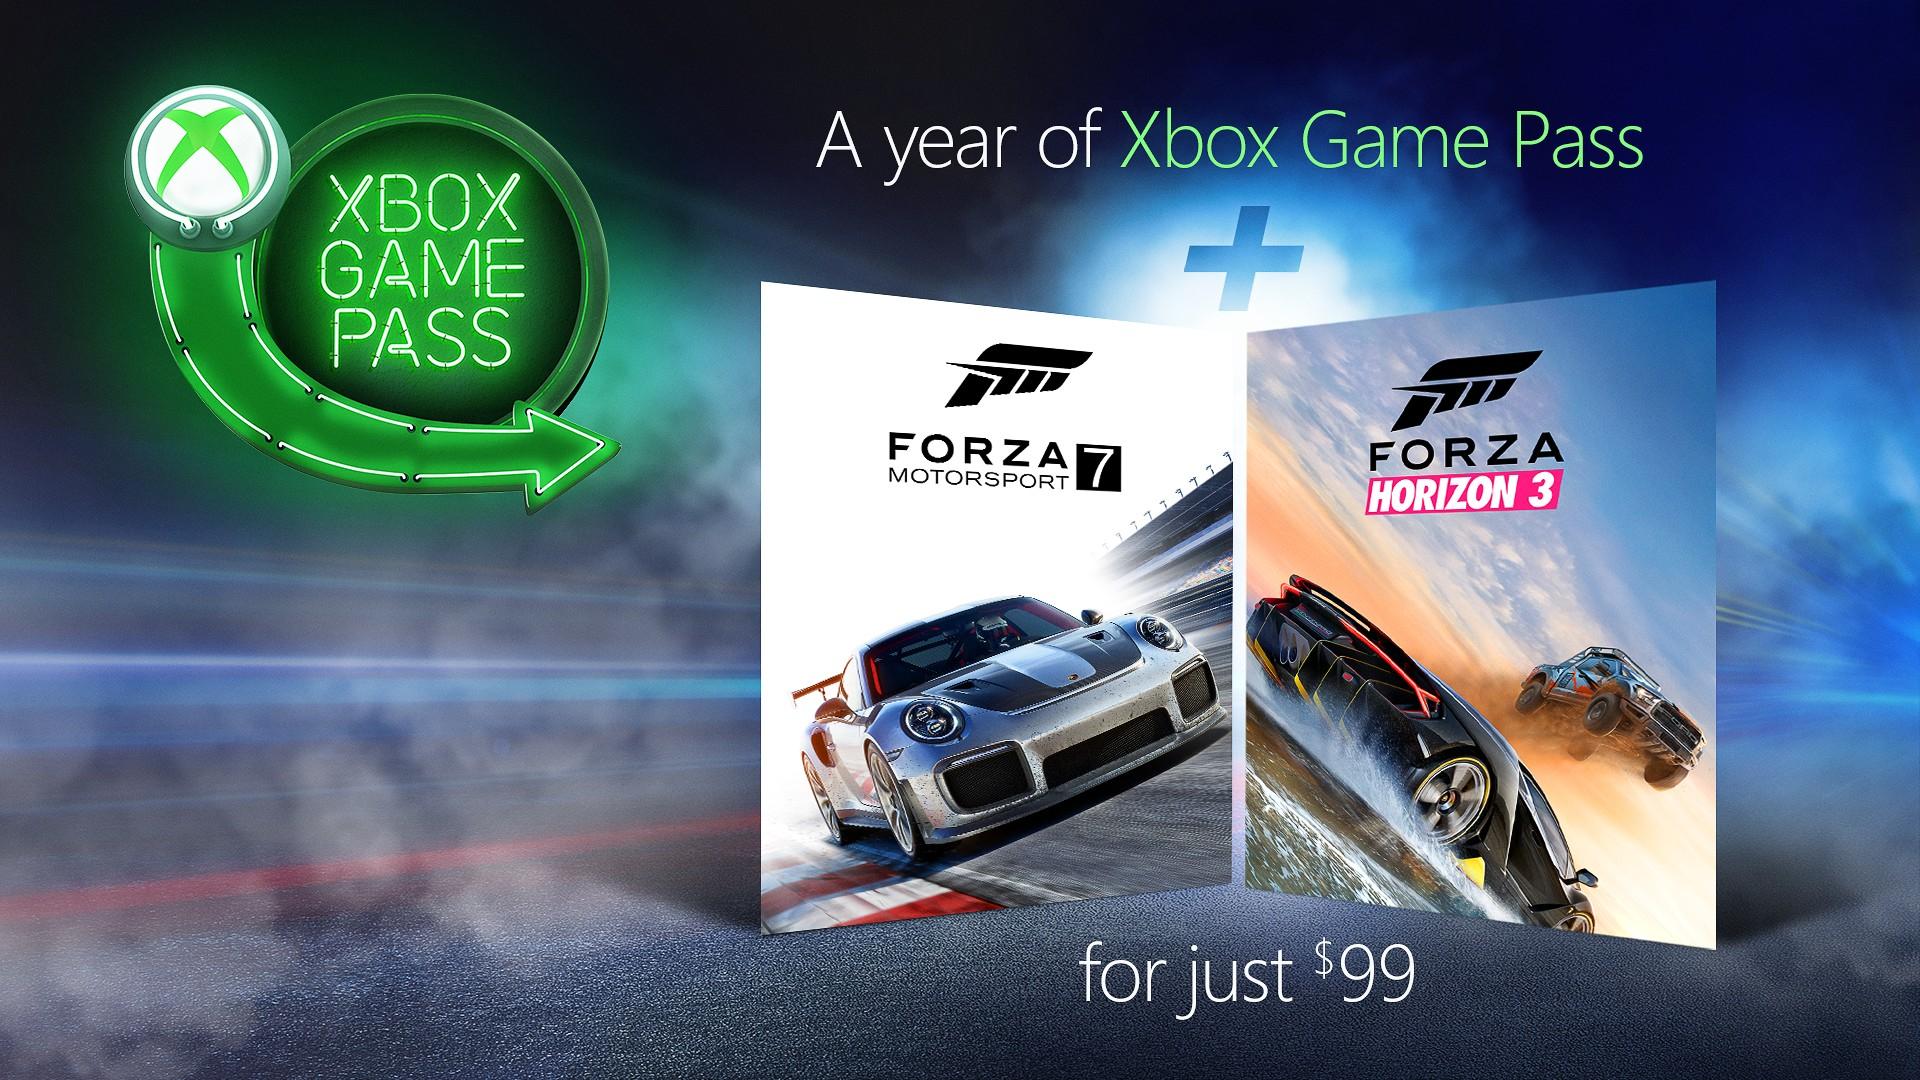 1 jaar Xbox Game Pass + Forza Horizon 3 en Forza Motorsport 7 voor €99 @ Microsoft